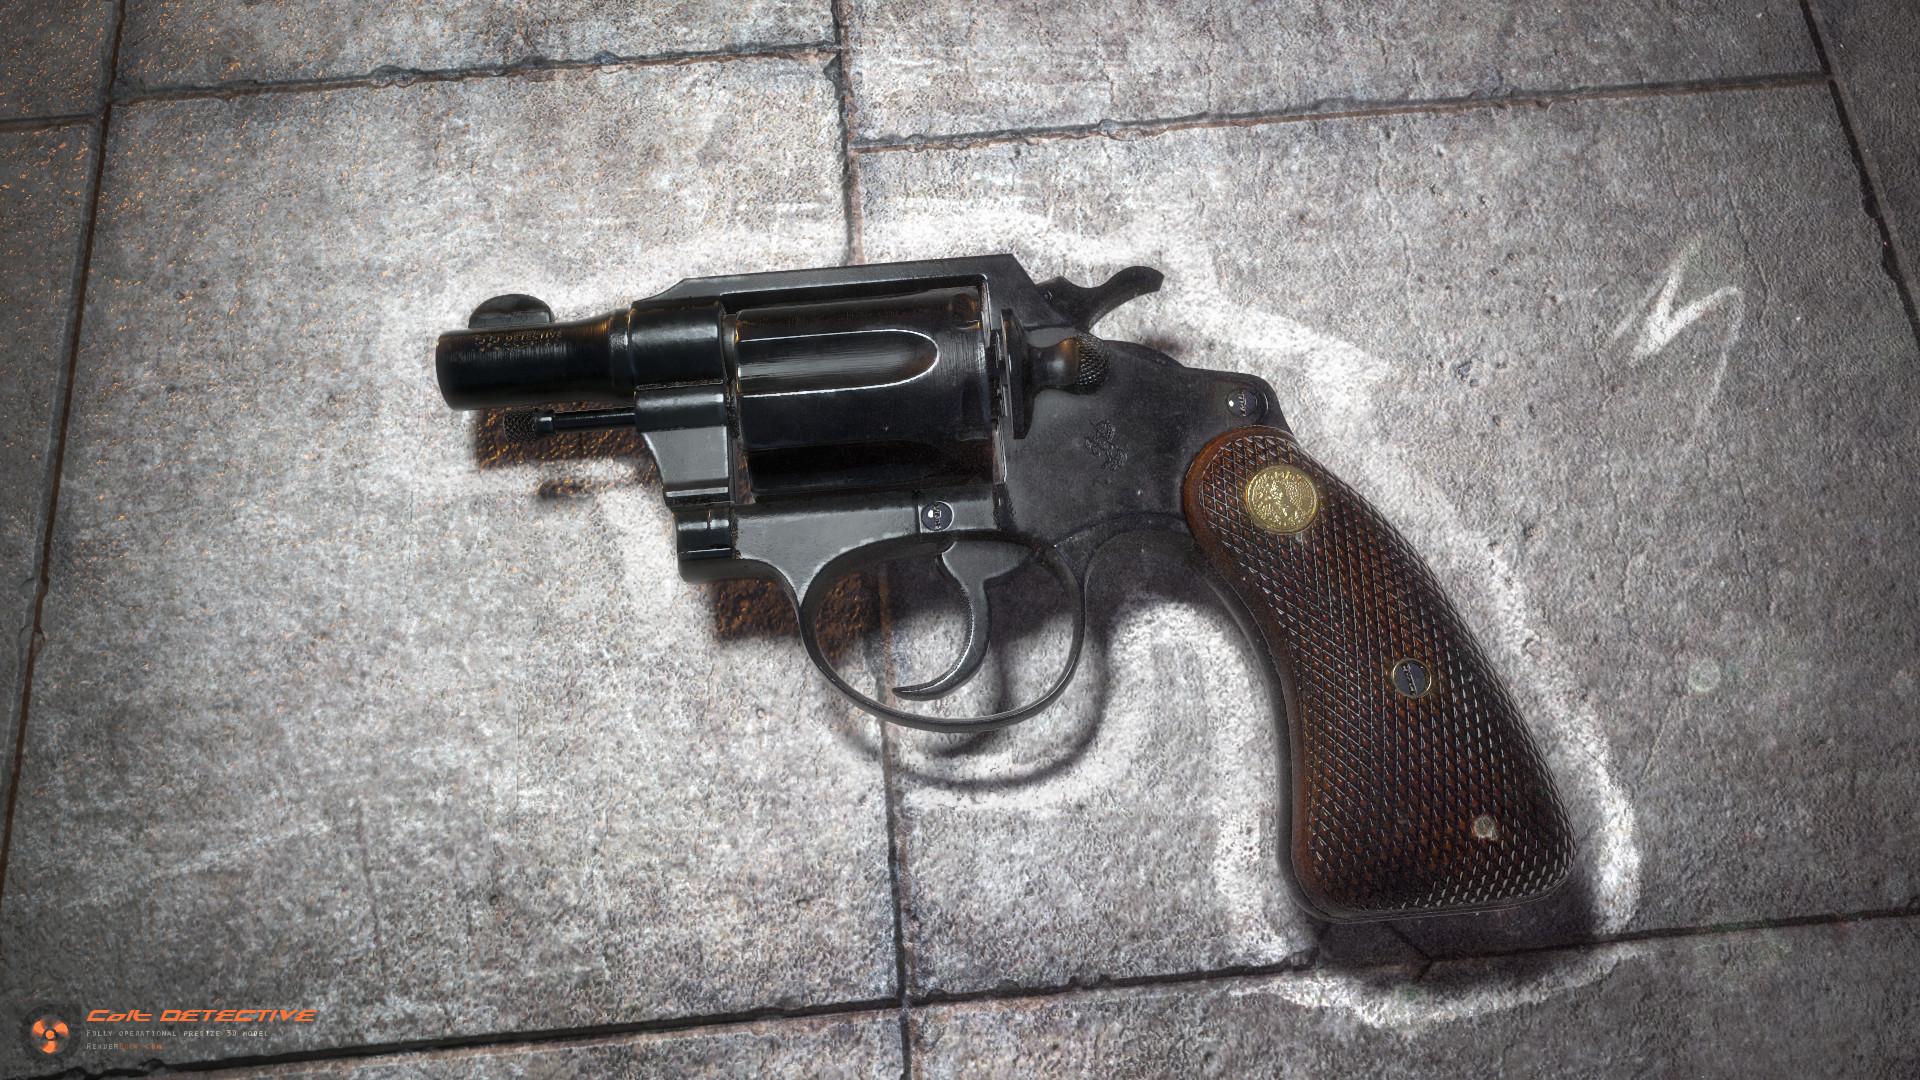 Renderdock studio colt detective 10 1